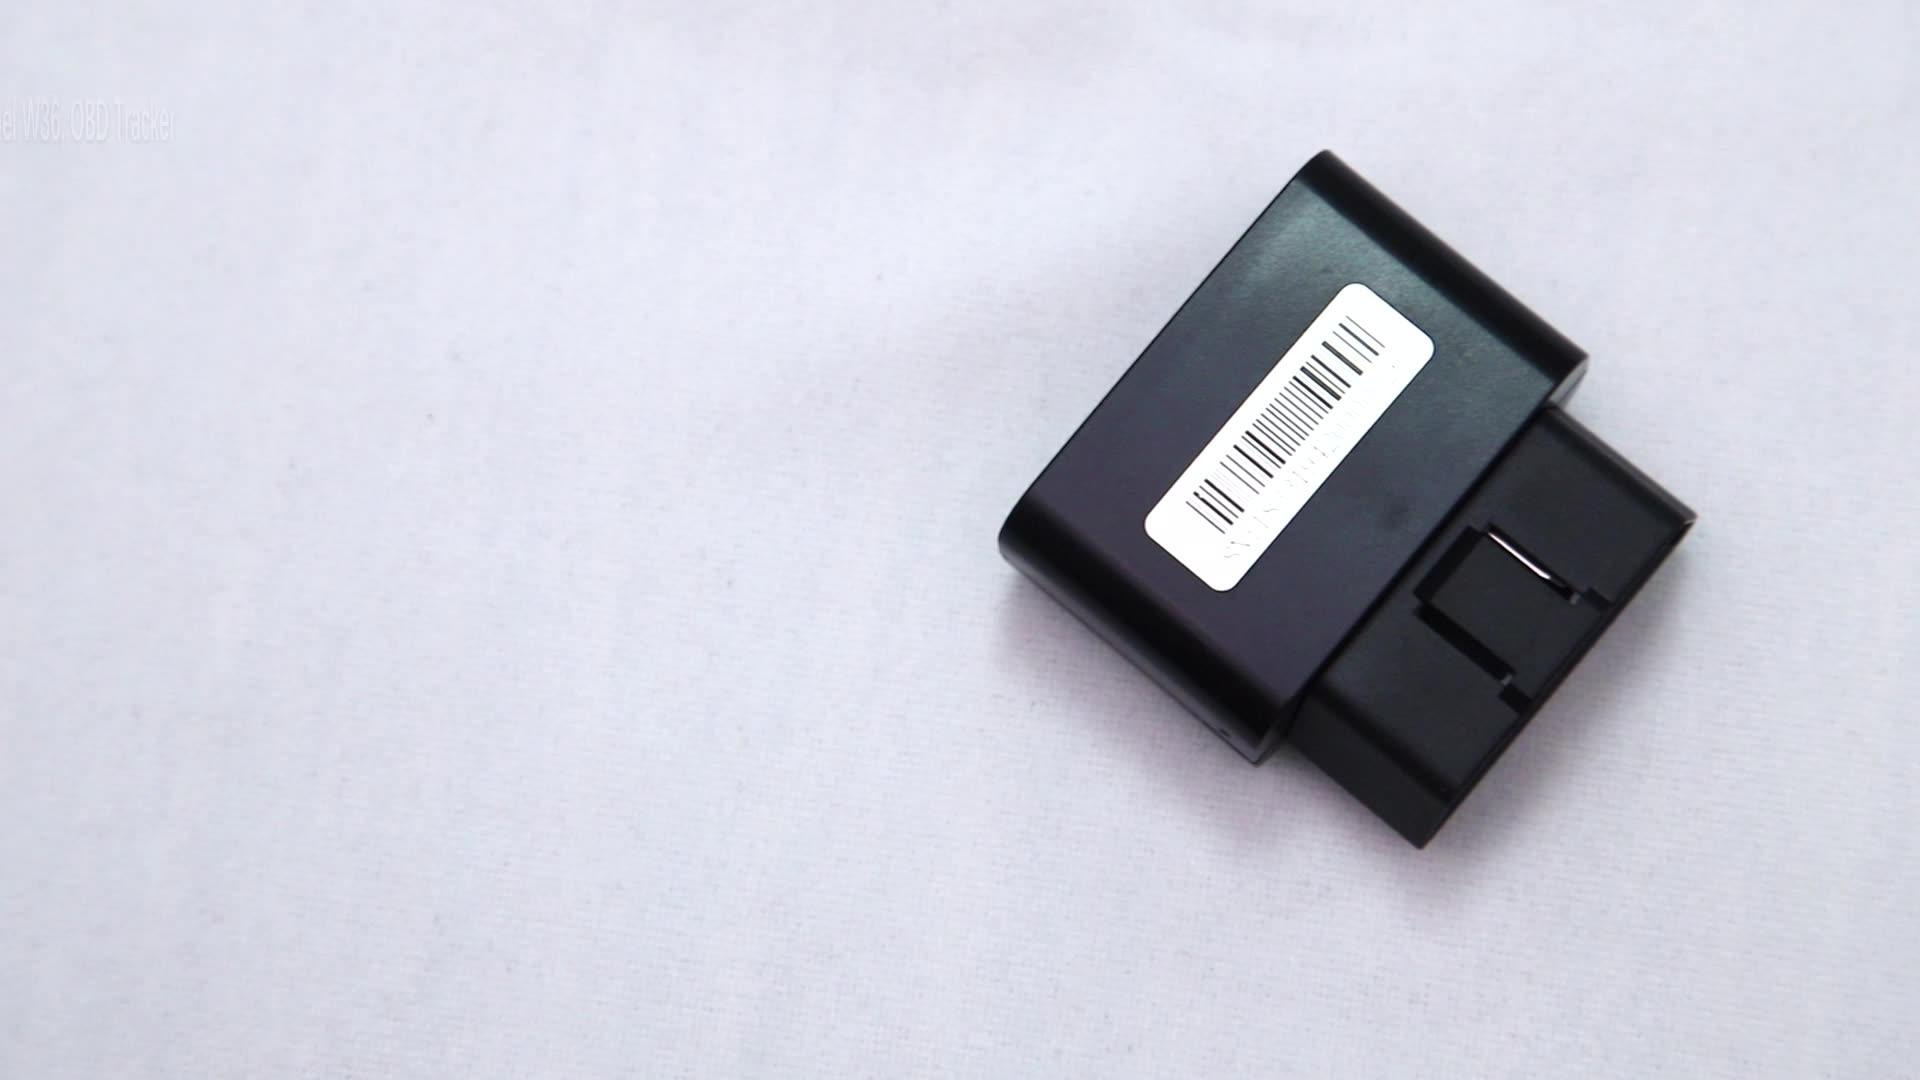 Watret W36 Obd навигация скрытые трекеры локатор сохранить мини Gps отслеживающее устройство цена для автомобиля без ежемесячной платы